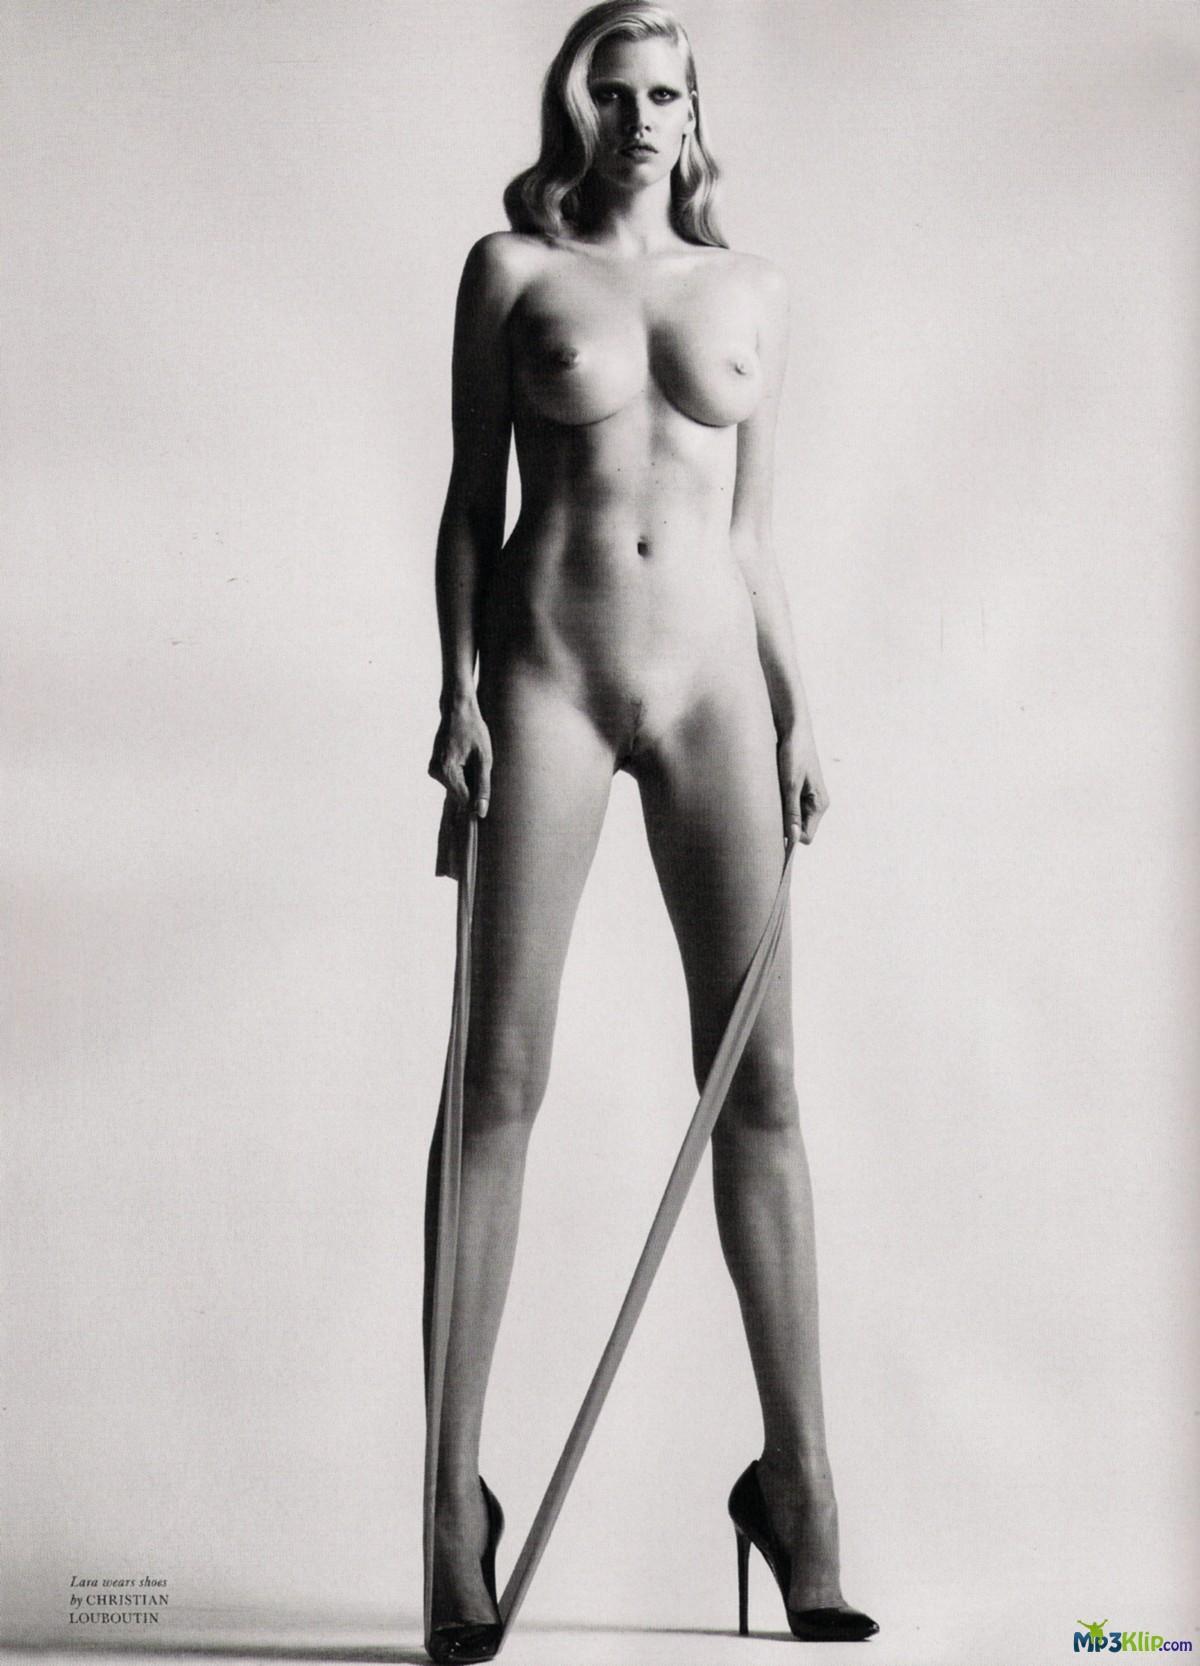 women nude amateur hidden camera